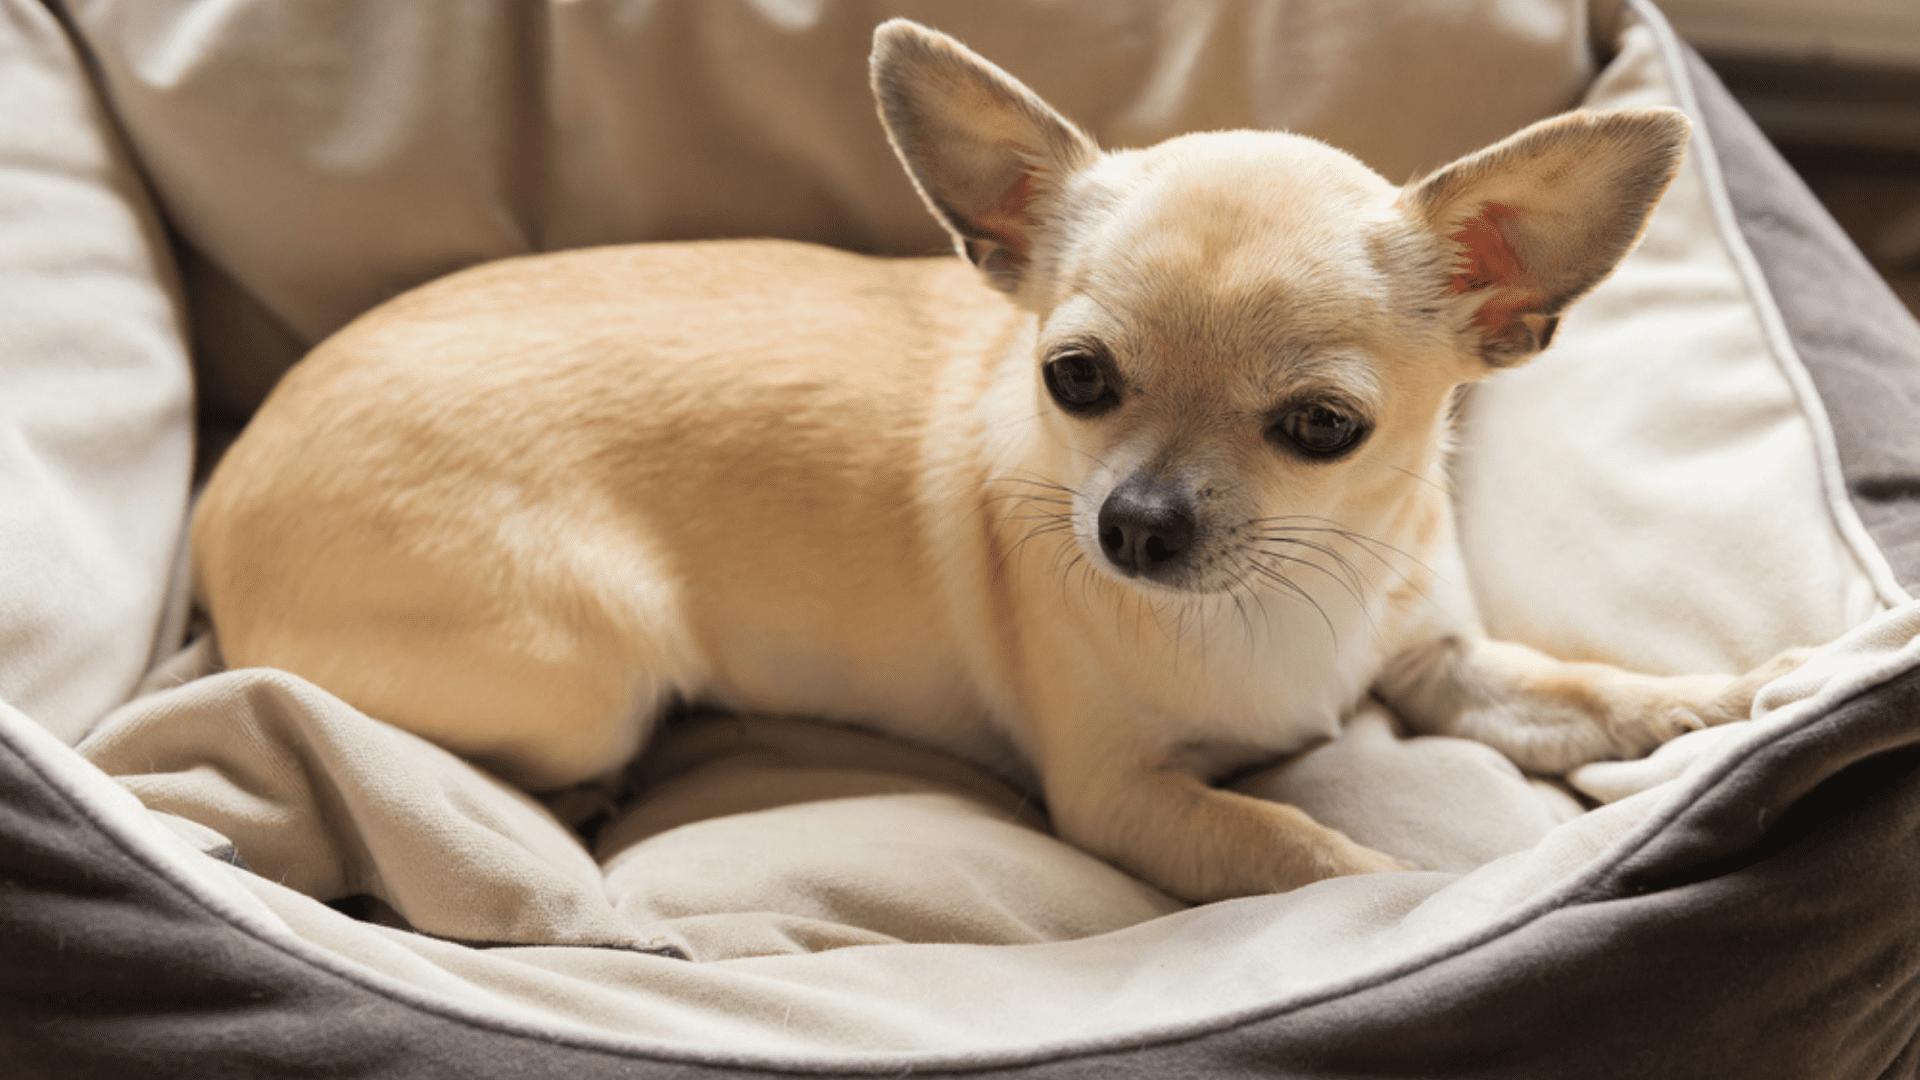 Tanto filhotes quanto cachorros idosos devem usar camas mais baixas (Reprodução/Shutterstock)